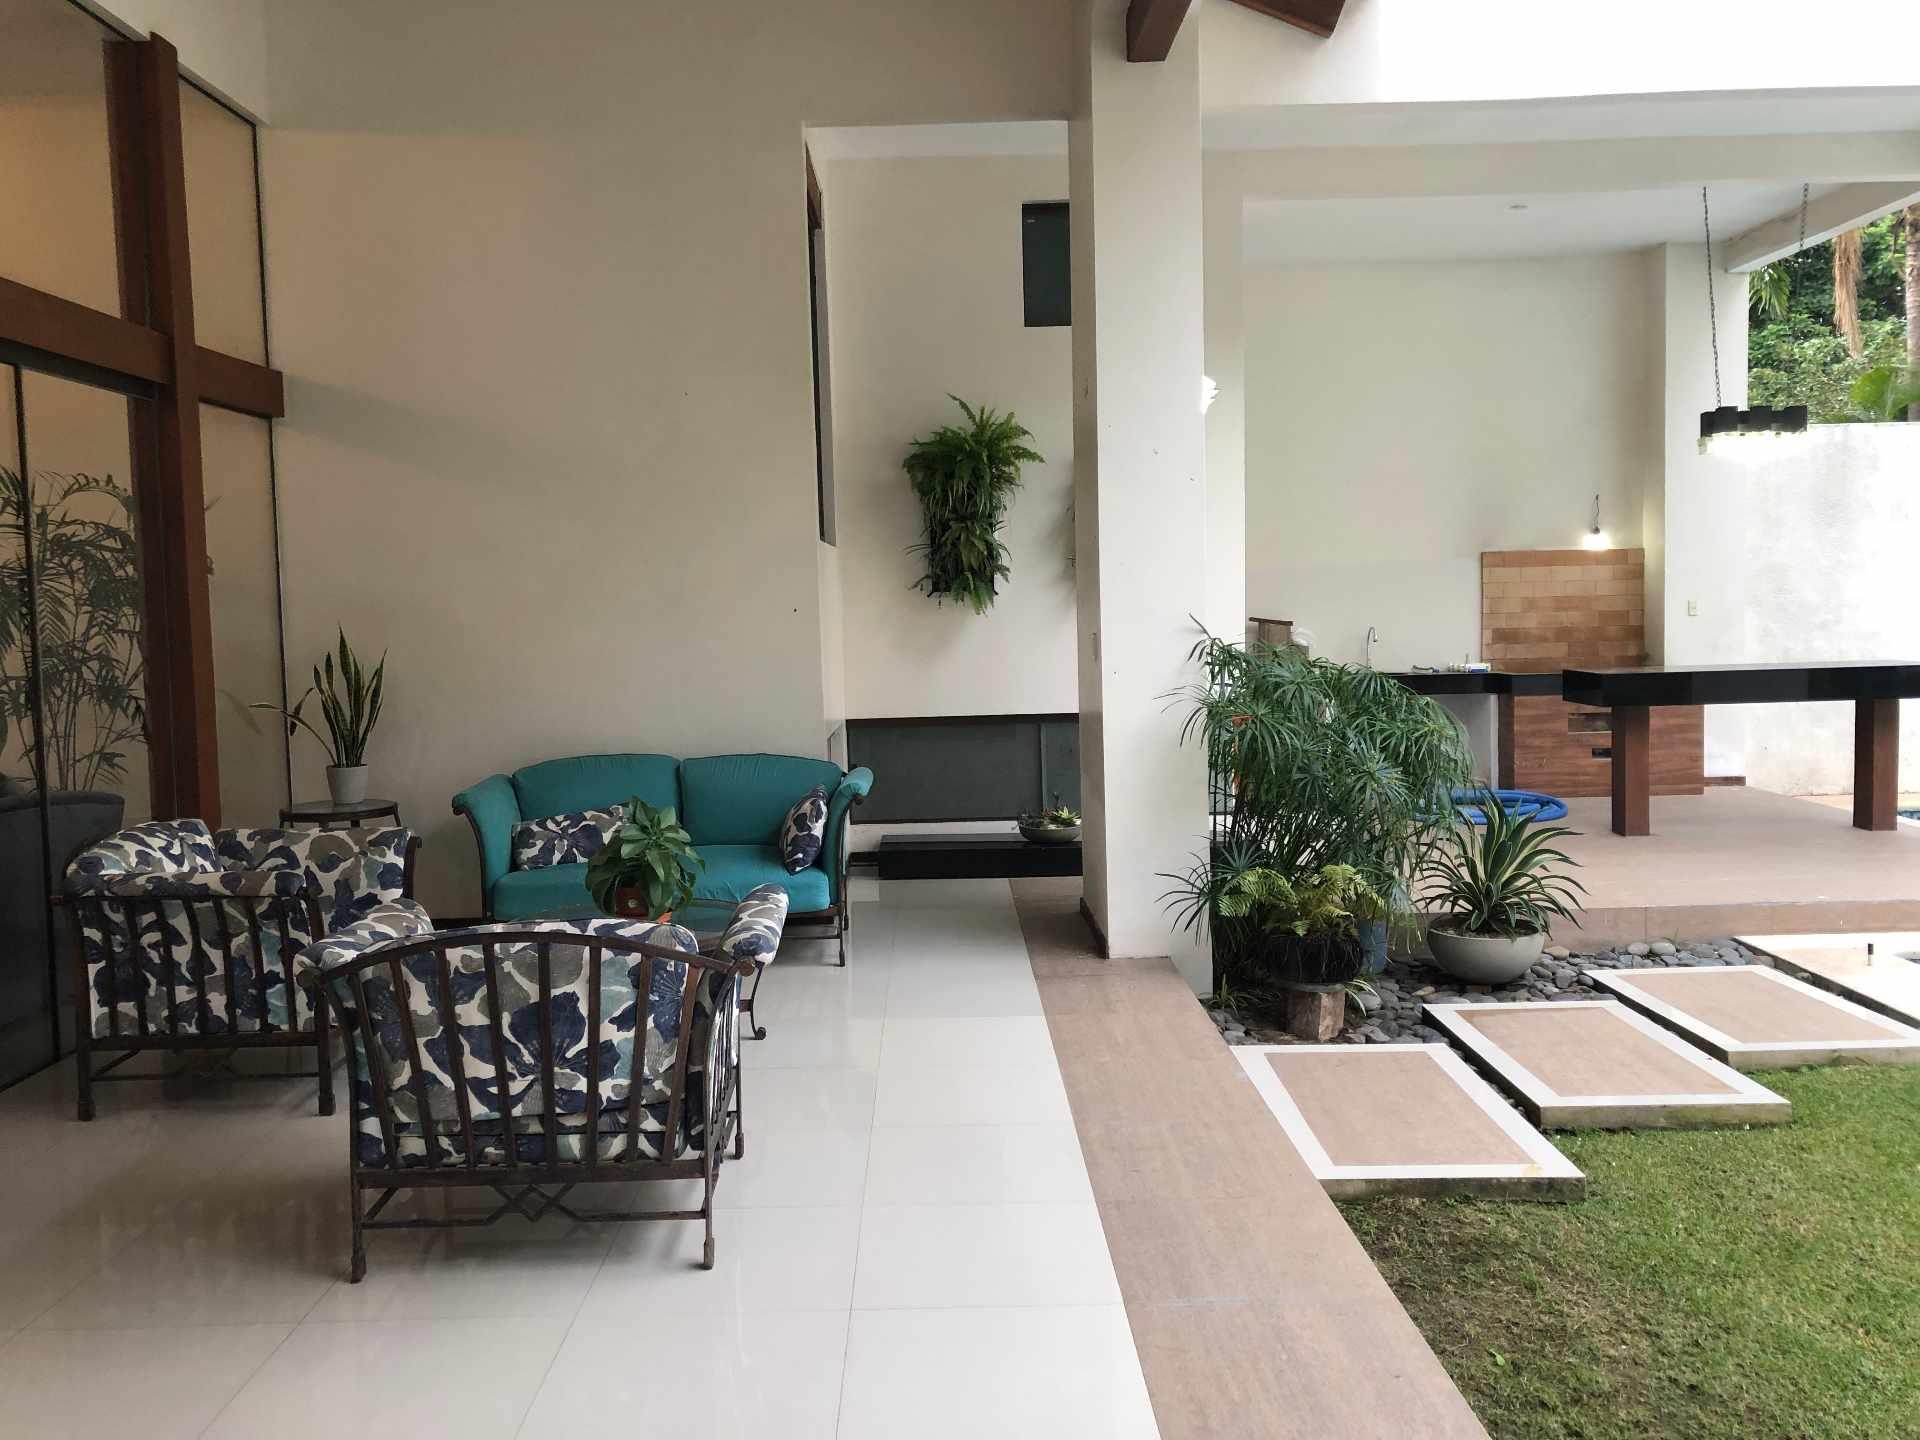 Casa en Venta CASA EN VENTA ZONA AV. SAN AURELIO Y BARRANCA Foto 9